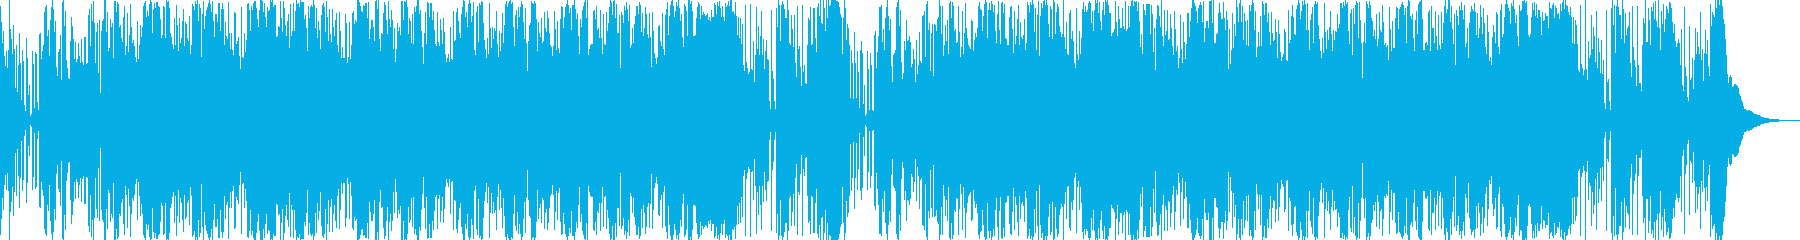 何かが起こりそうな、不安な音楽の再生済みの波形